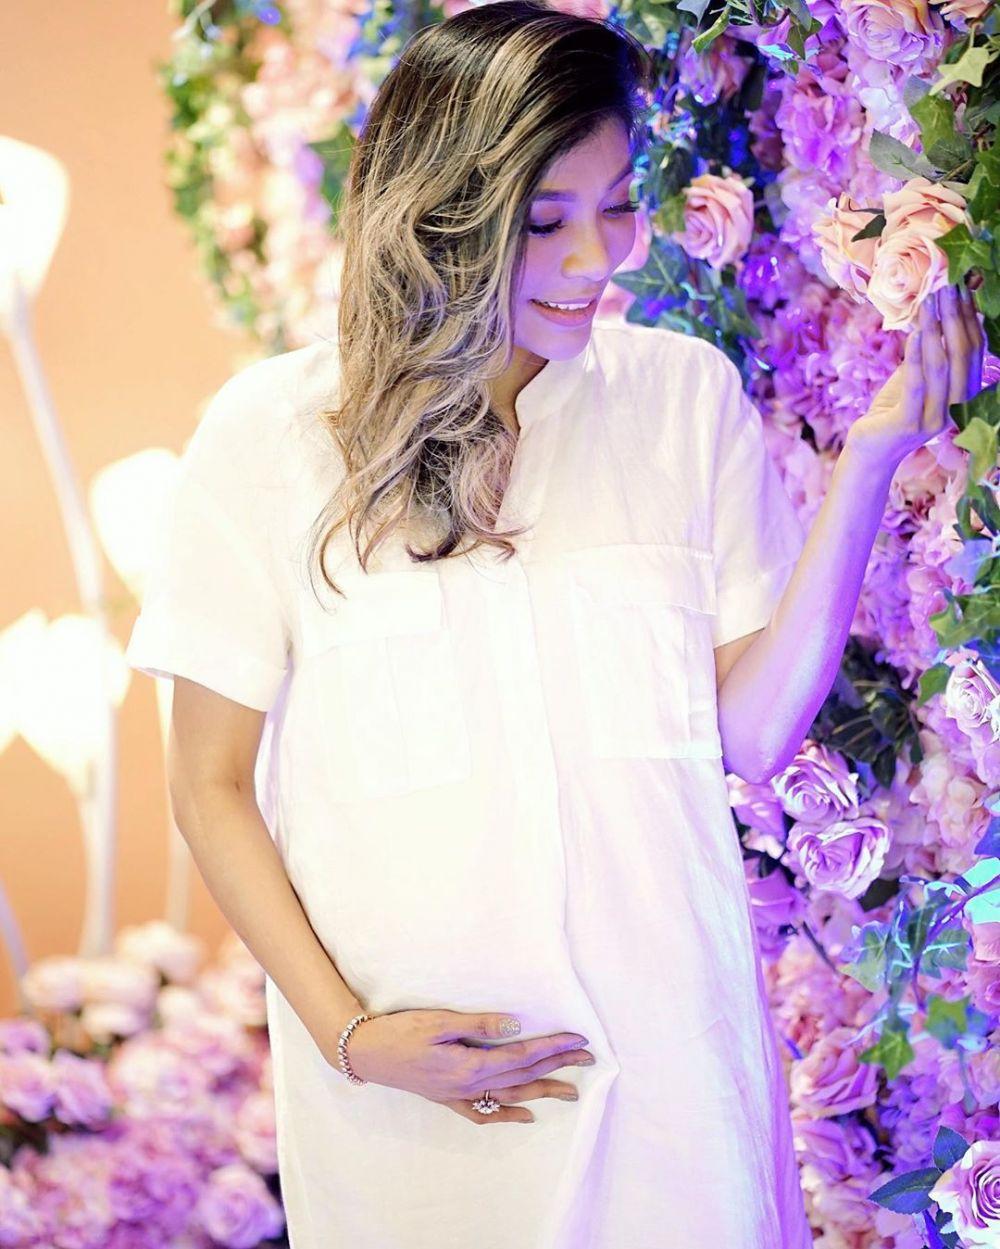 baby shower irene © 2019 brilio.net